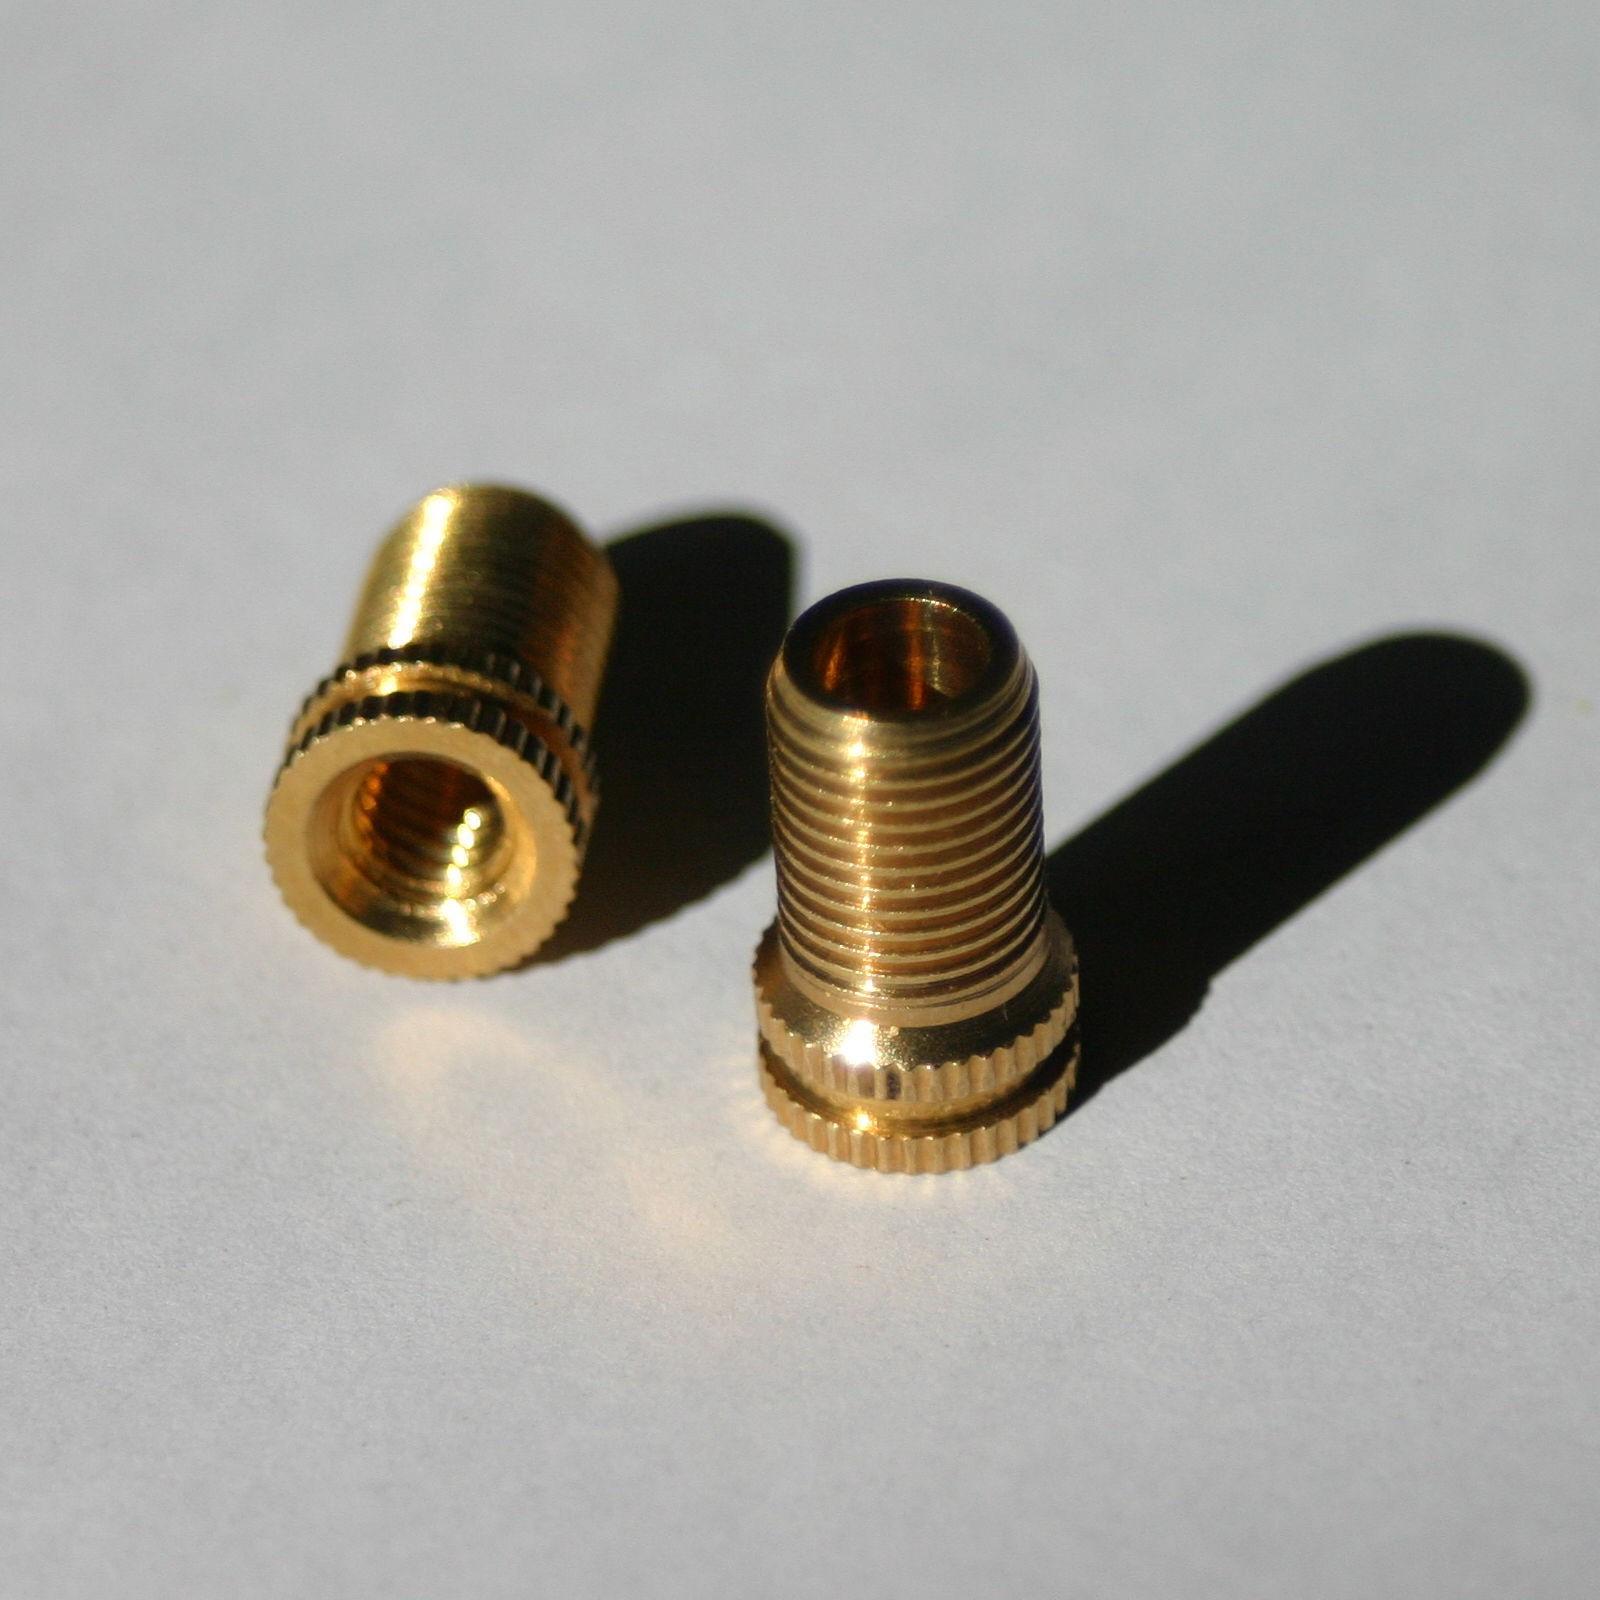 2 X Brass adaptor type Presta to Schrader valve bike car pump connector adapter